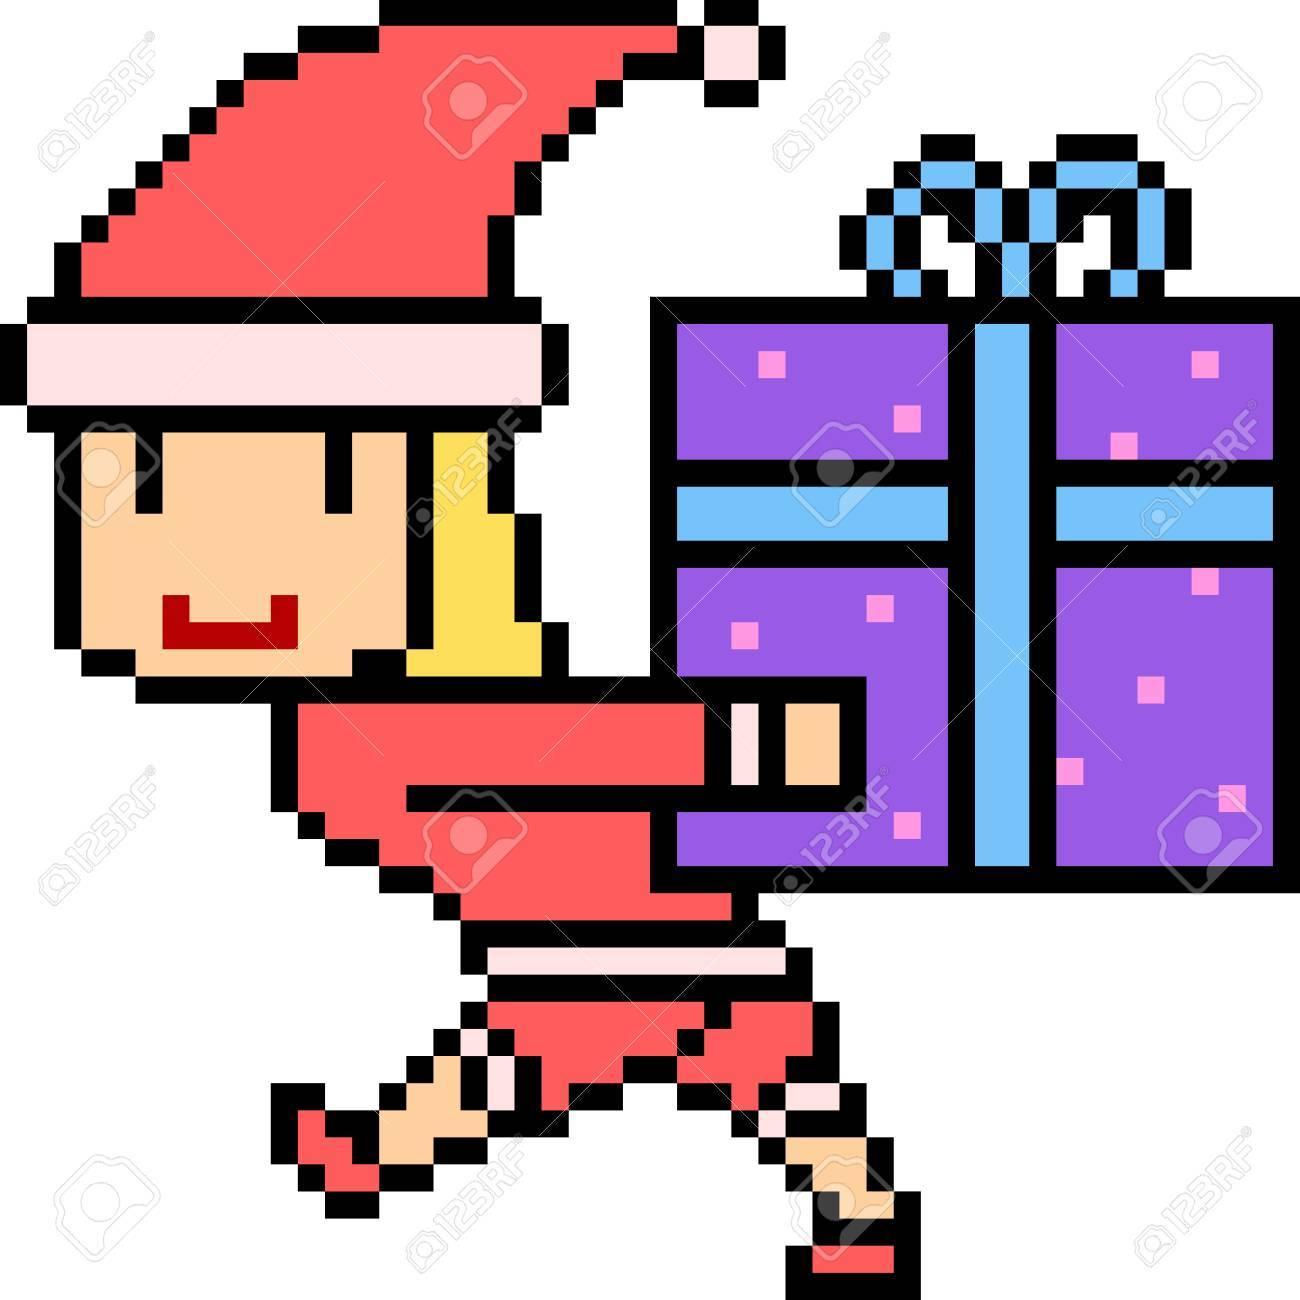 Pixel Art Illustration Du Père Noël Avec Une Boîte De Cadeau. pour Pixel Art Pere Noel